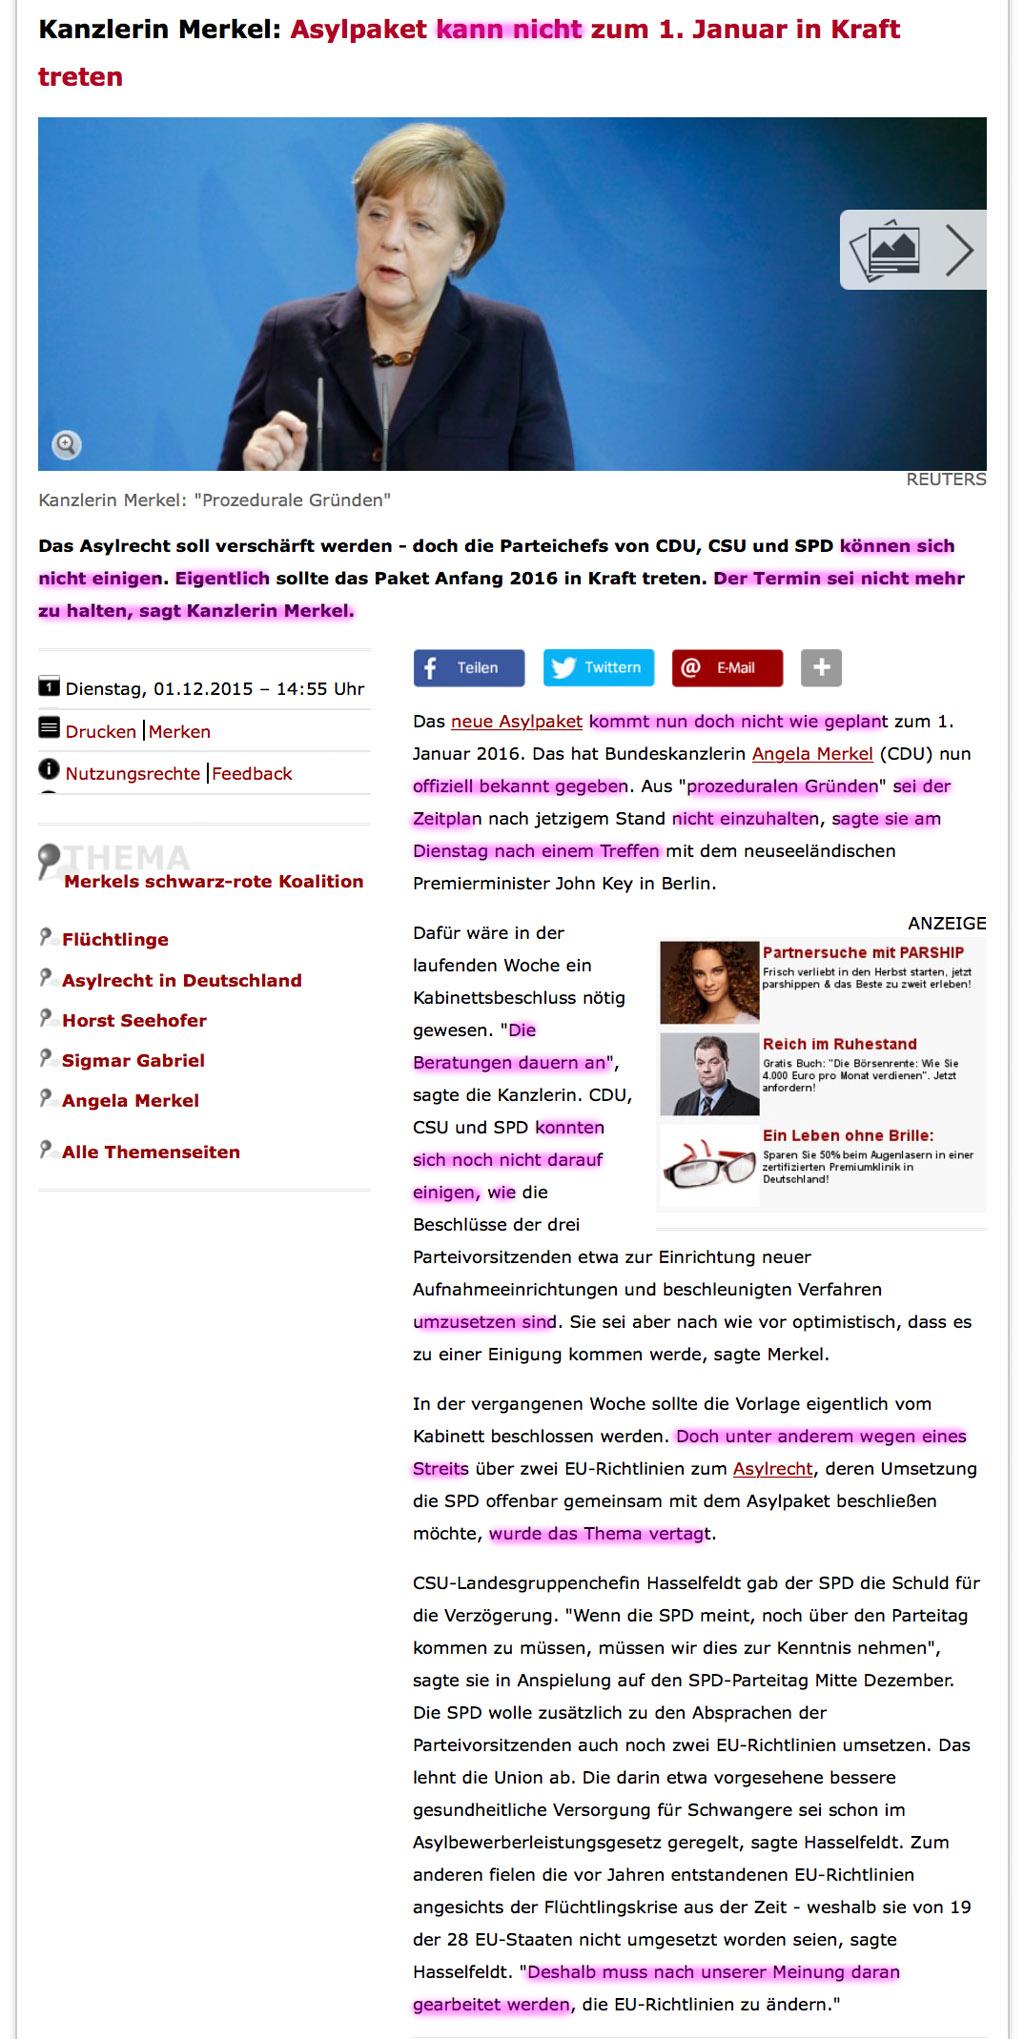 Allgemeine Freimaurer-Symbolik & Marionetten-Mimik - Seite 5 Merkel